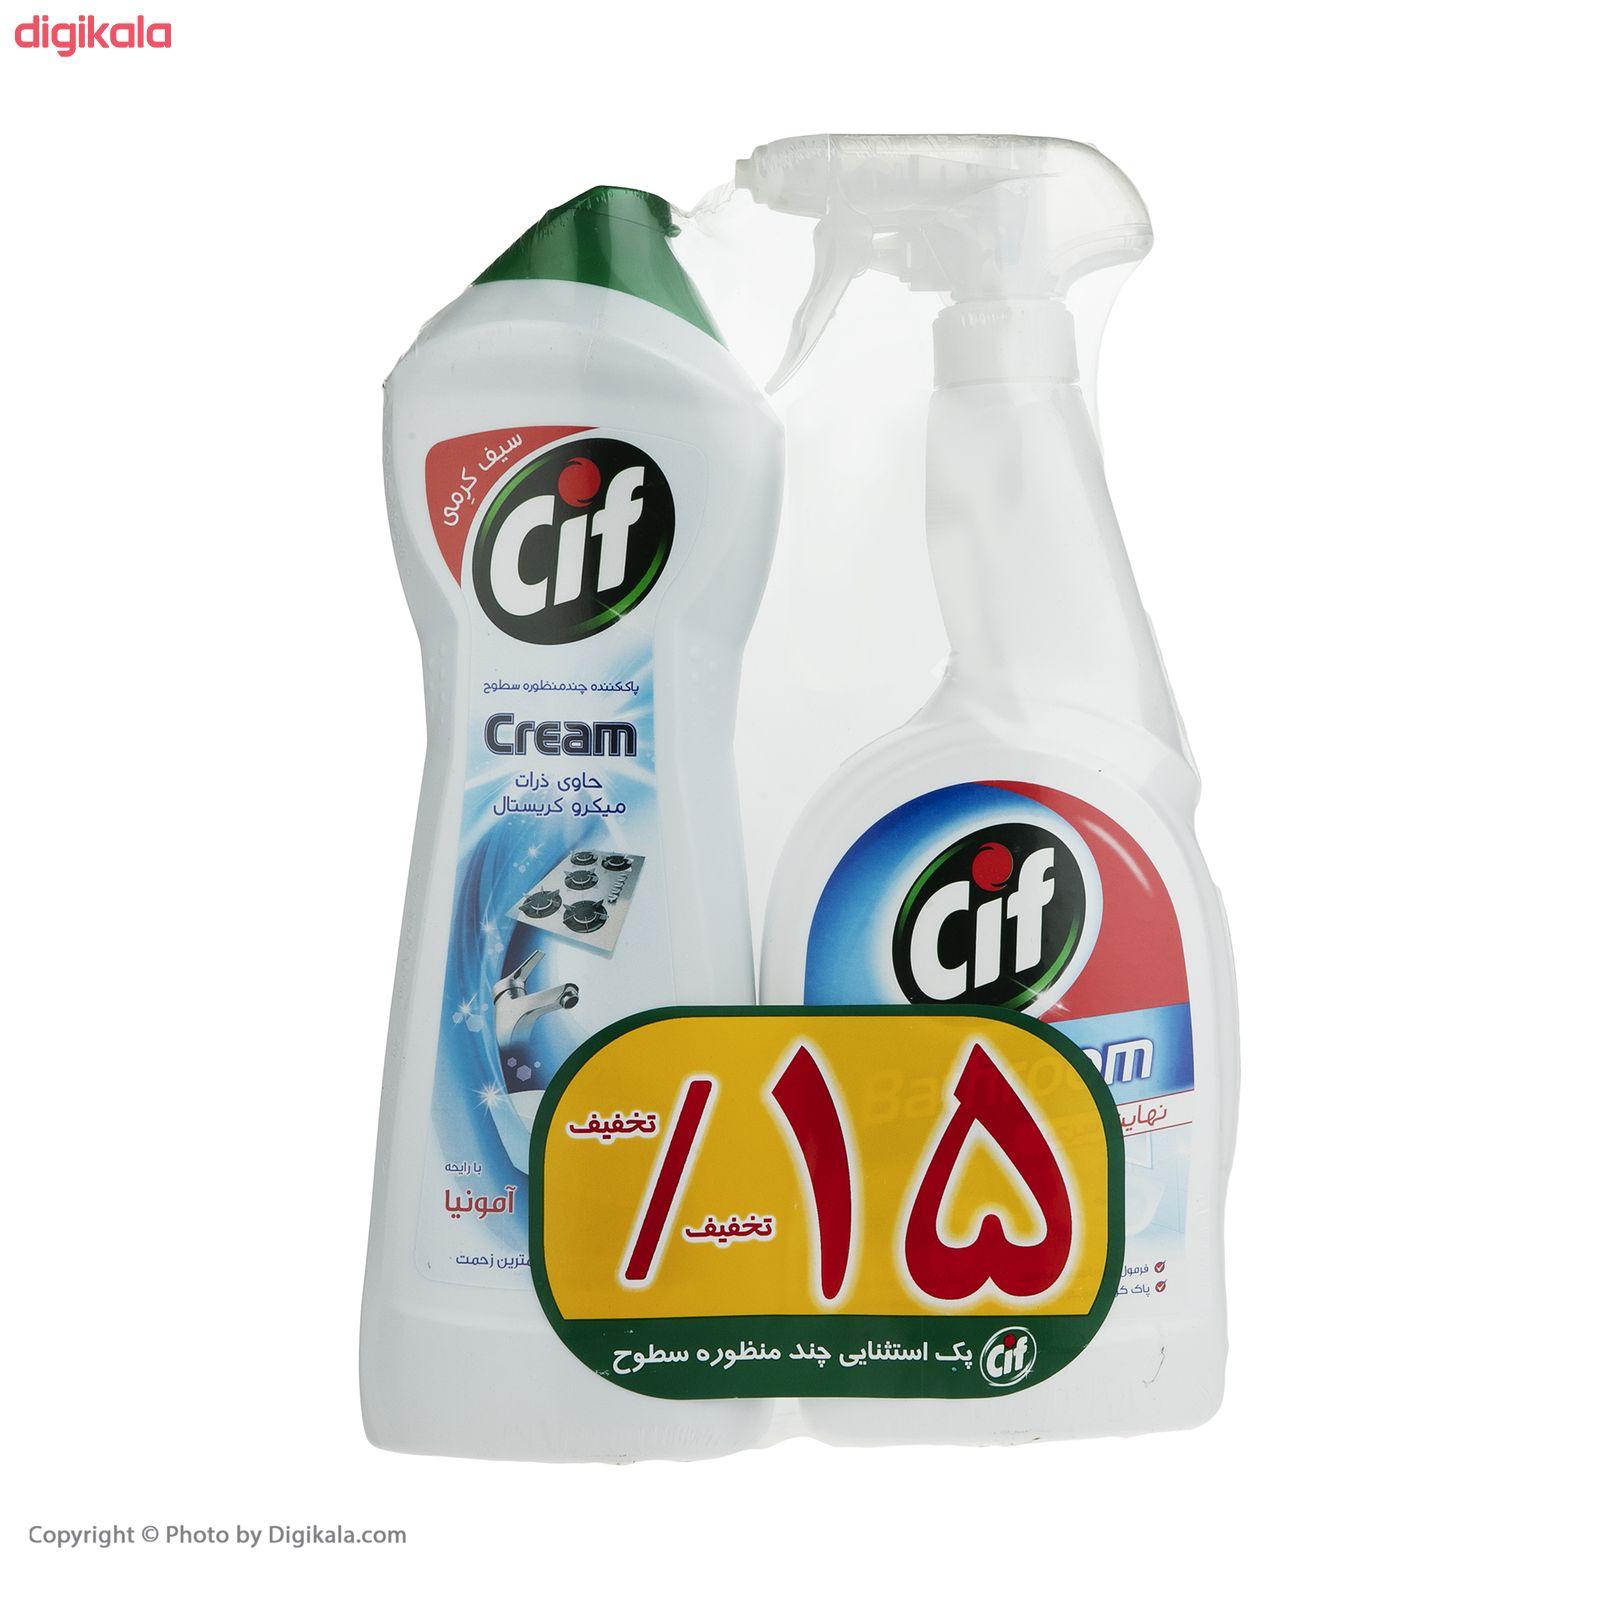 کرم تمیزکننده سطوح و اسپری تمیز کننده حمام و دستشویی سیف حجم 750 میلی لیتر بسته 2 عددی  main 1 5